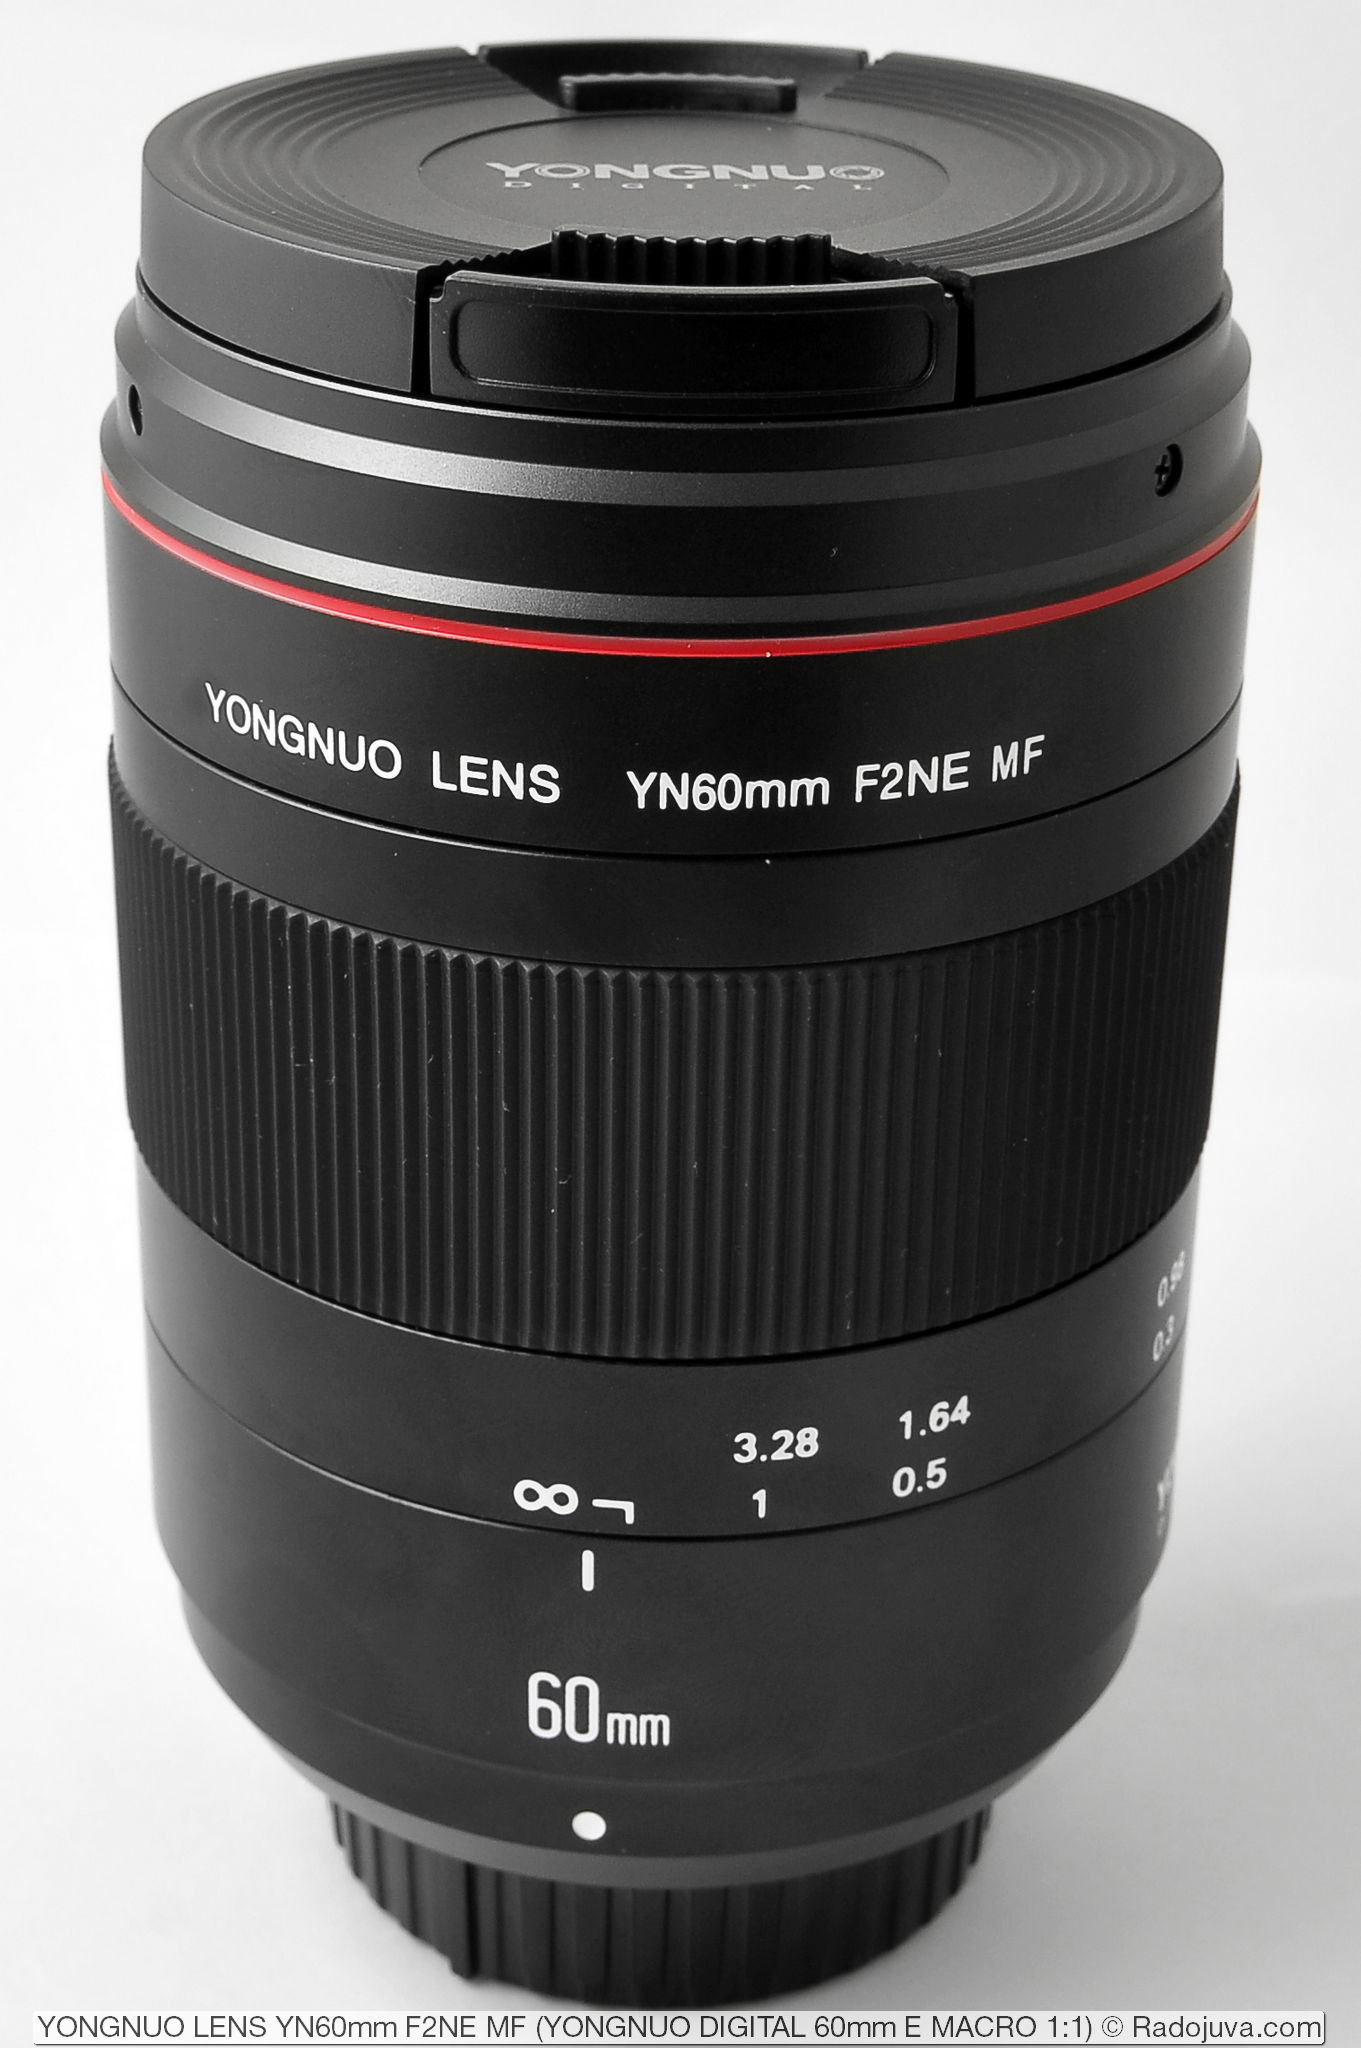 YONGNUO LENS YN60mm F2NE MF